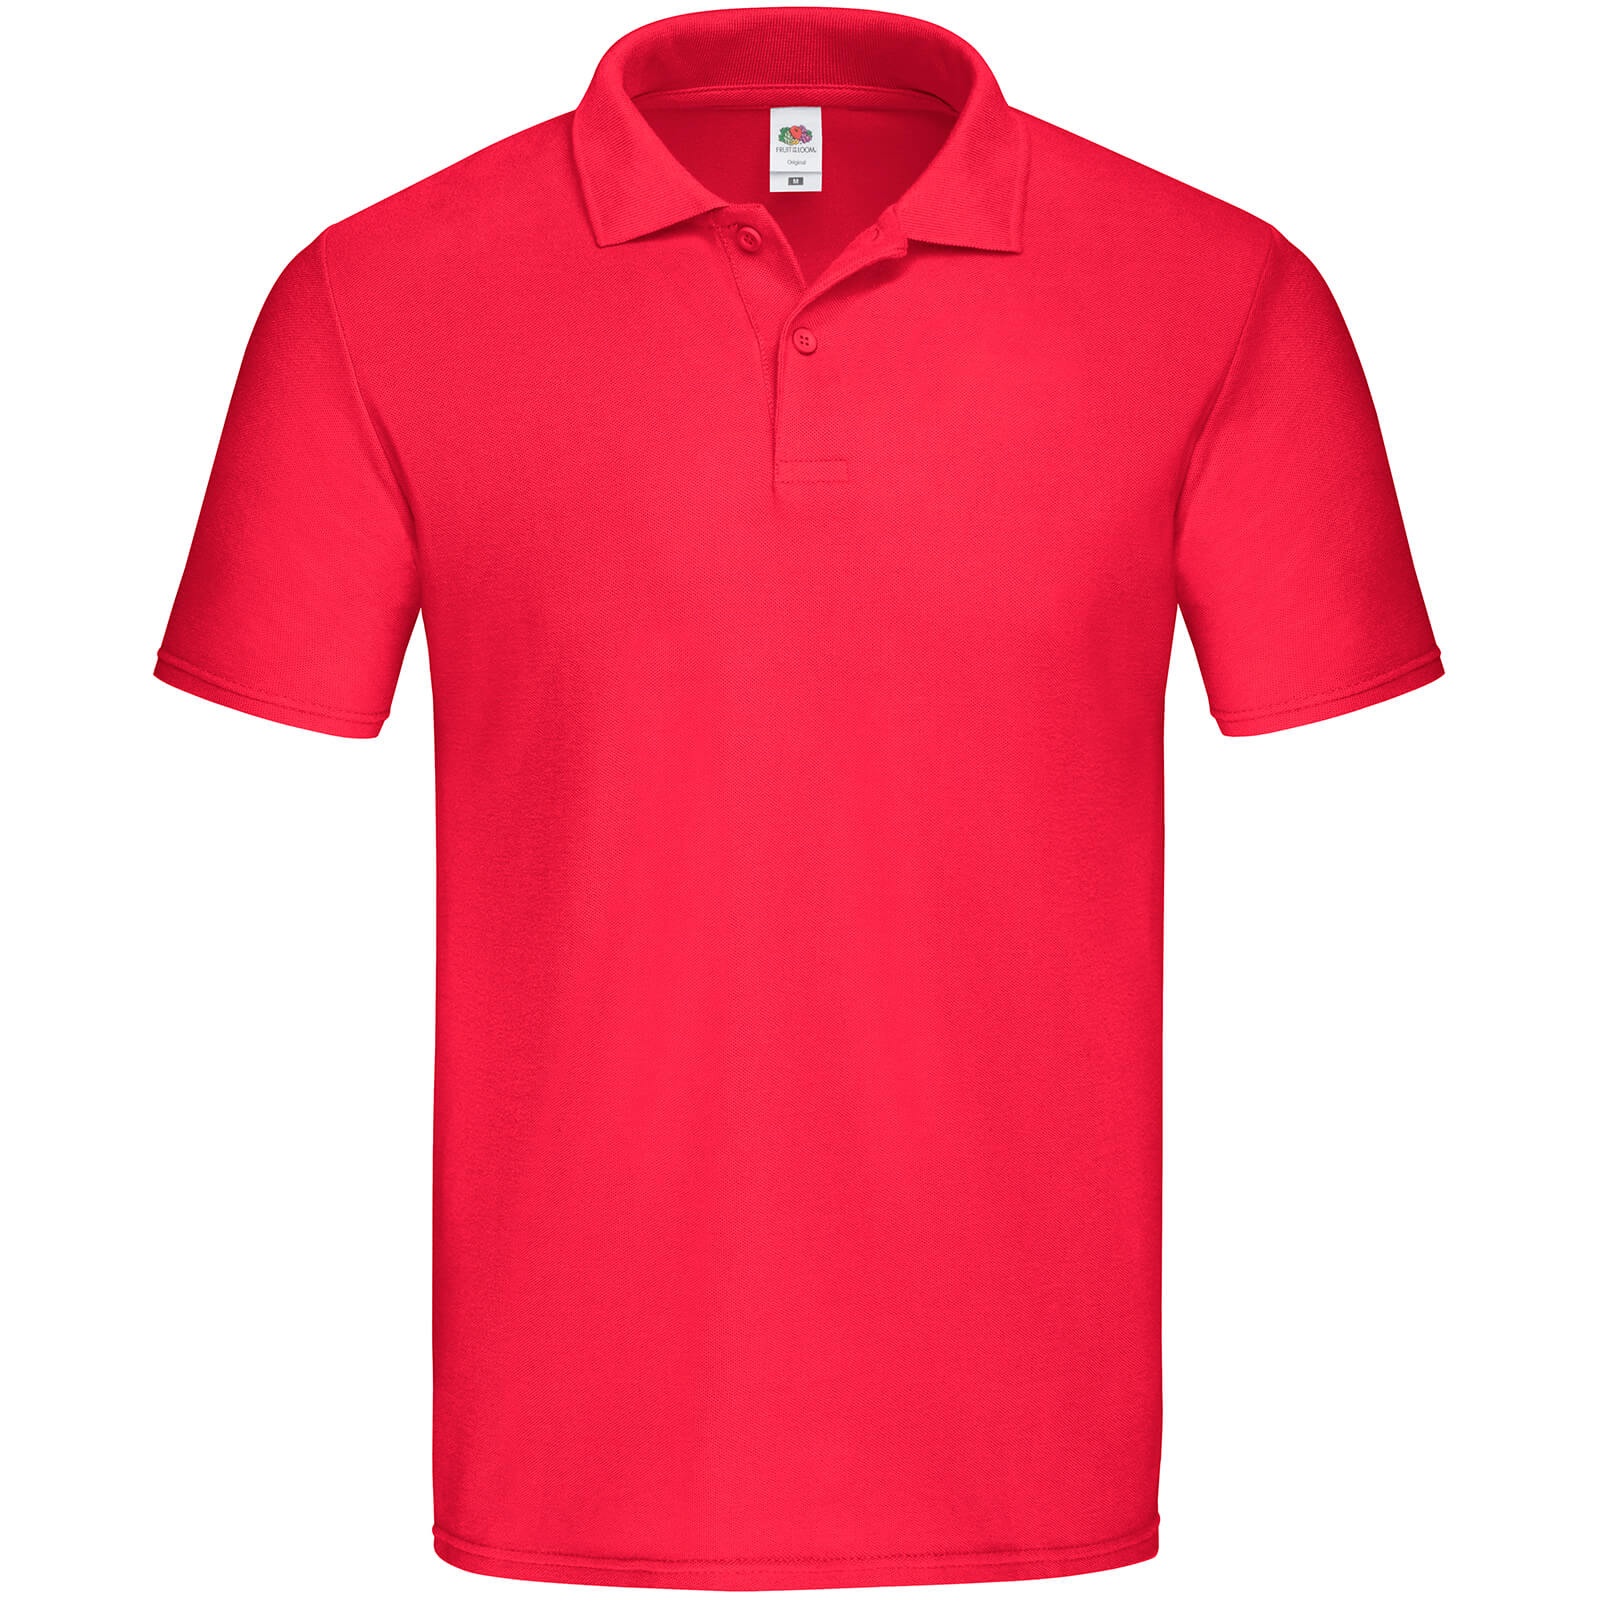 Fruit of the Loom Mens Original Polo Shirt (3XL) (Red)